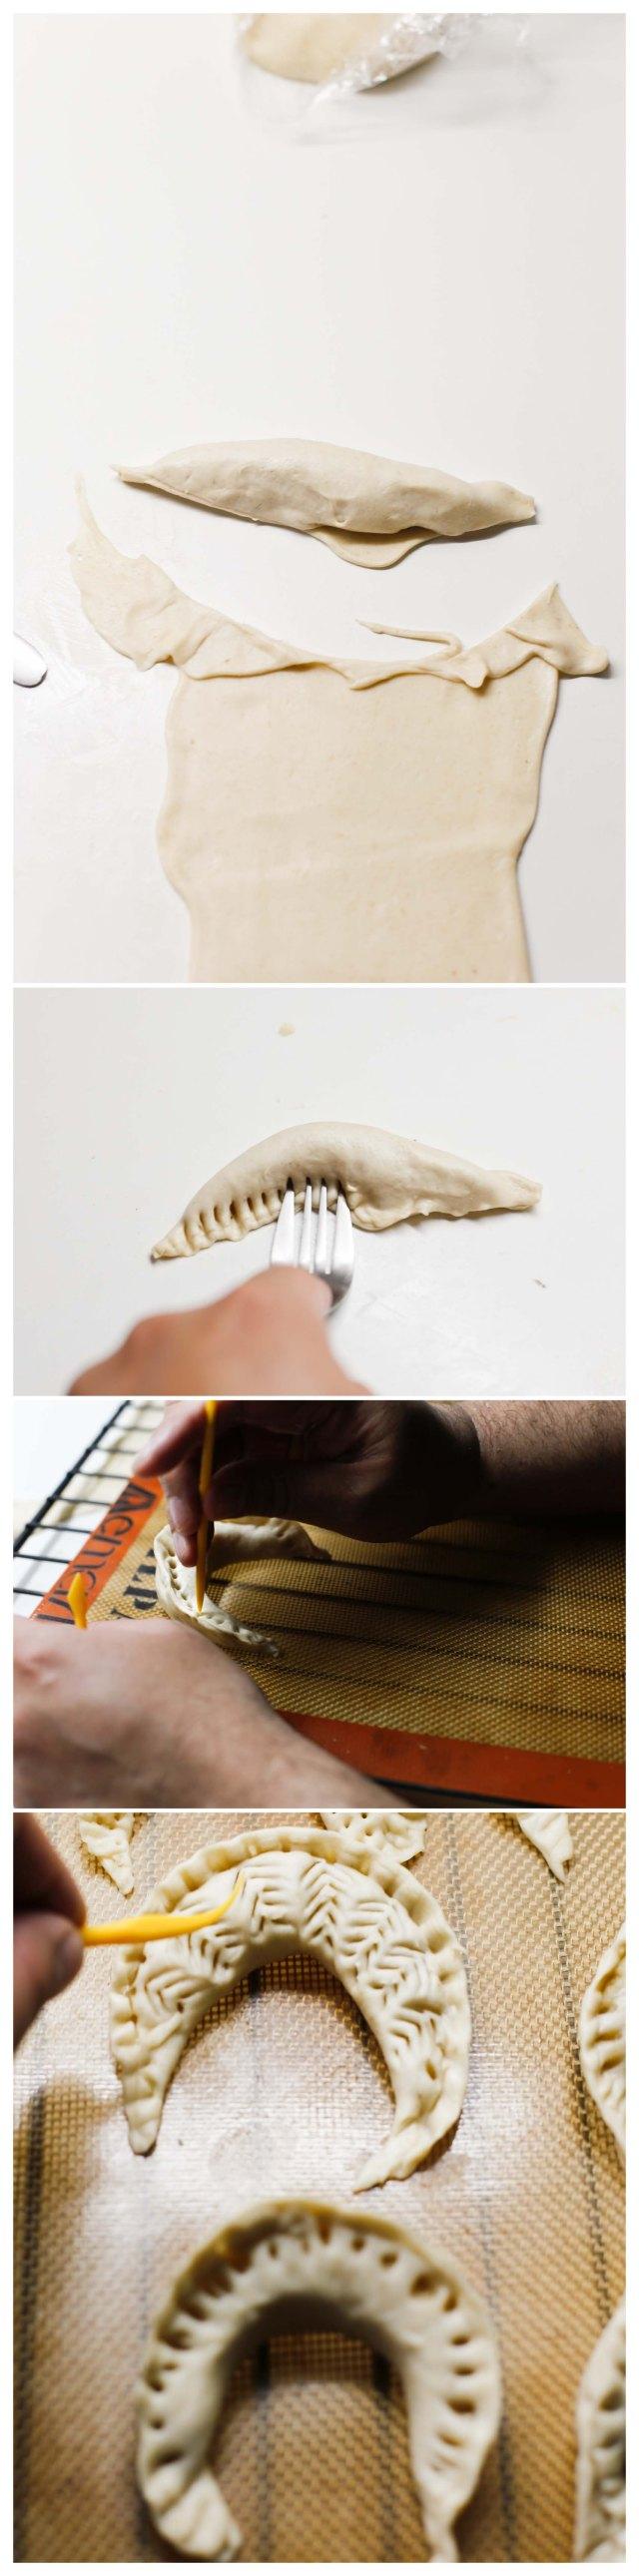 cortado y formado de cuernos